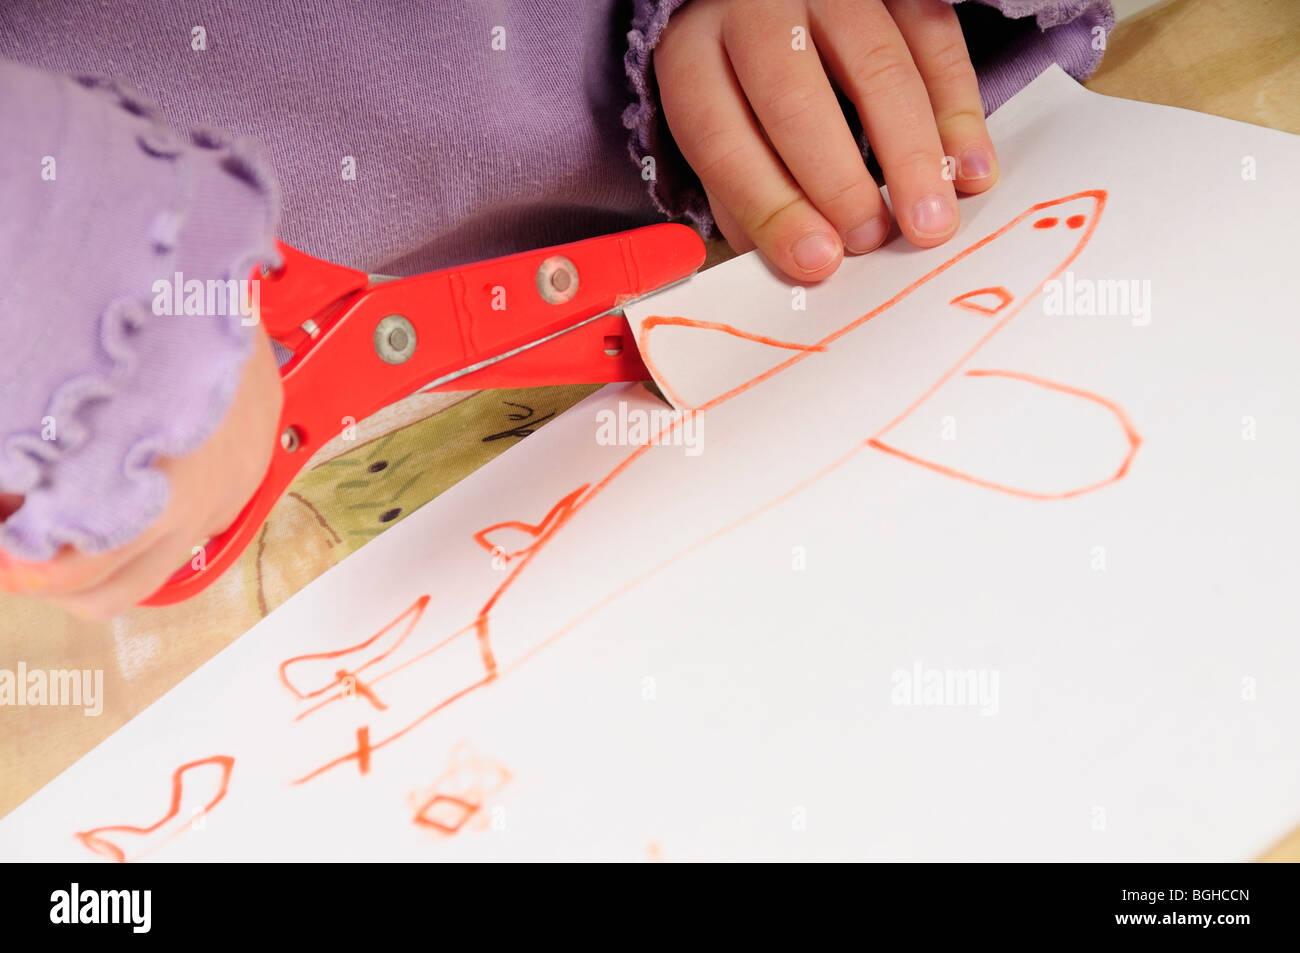 Foto di stock di un 4 anno vecchia ragazza di ritagliare una foto che ha appena disegnato su un pezzo di carta. Immagini Stock